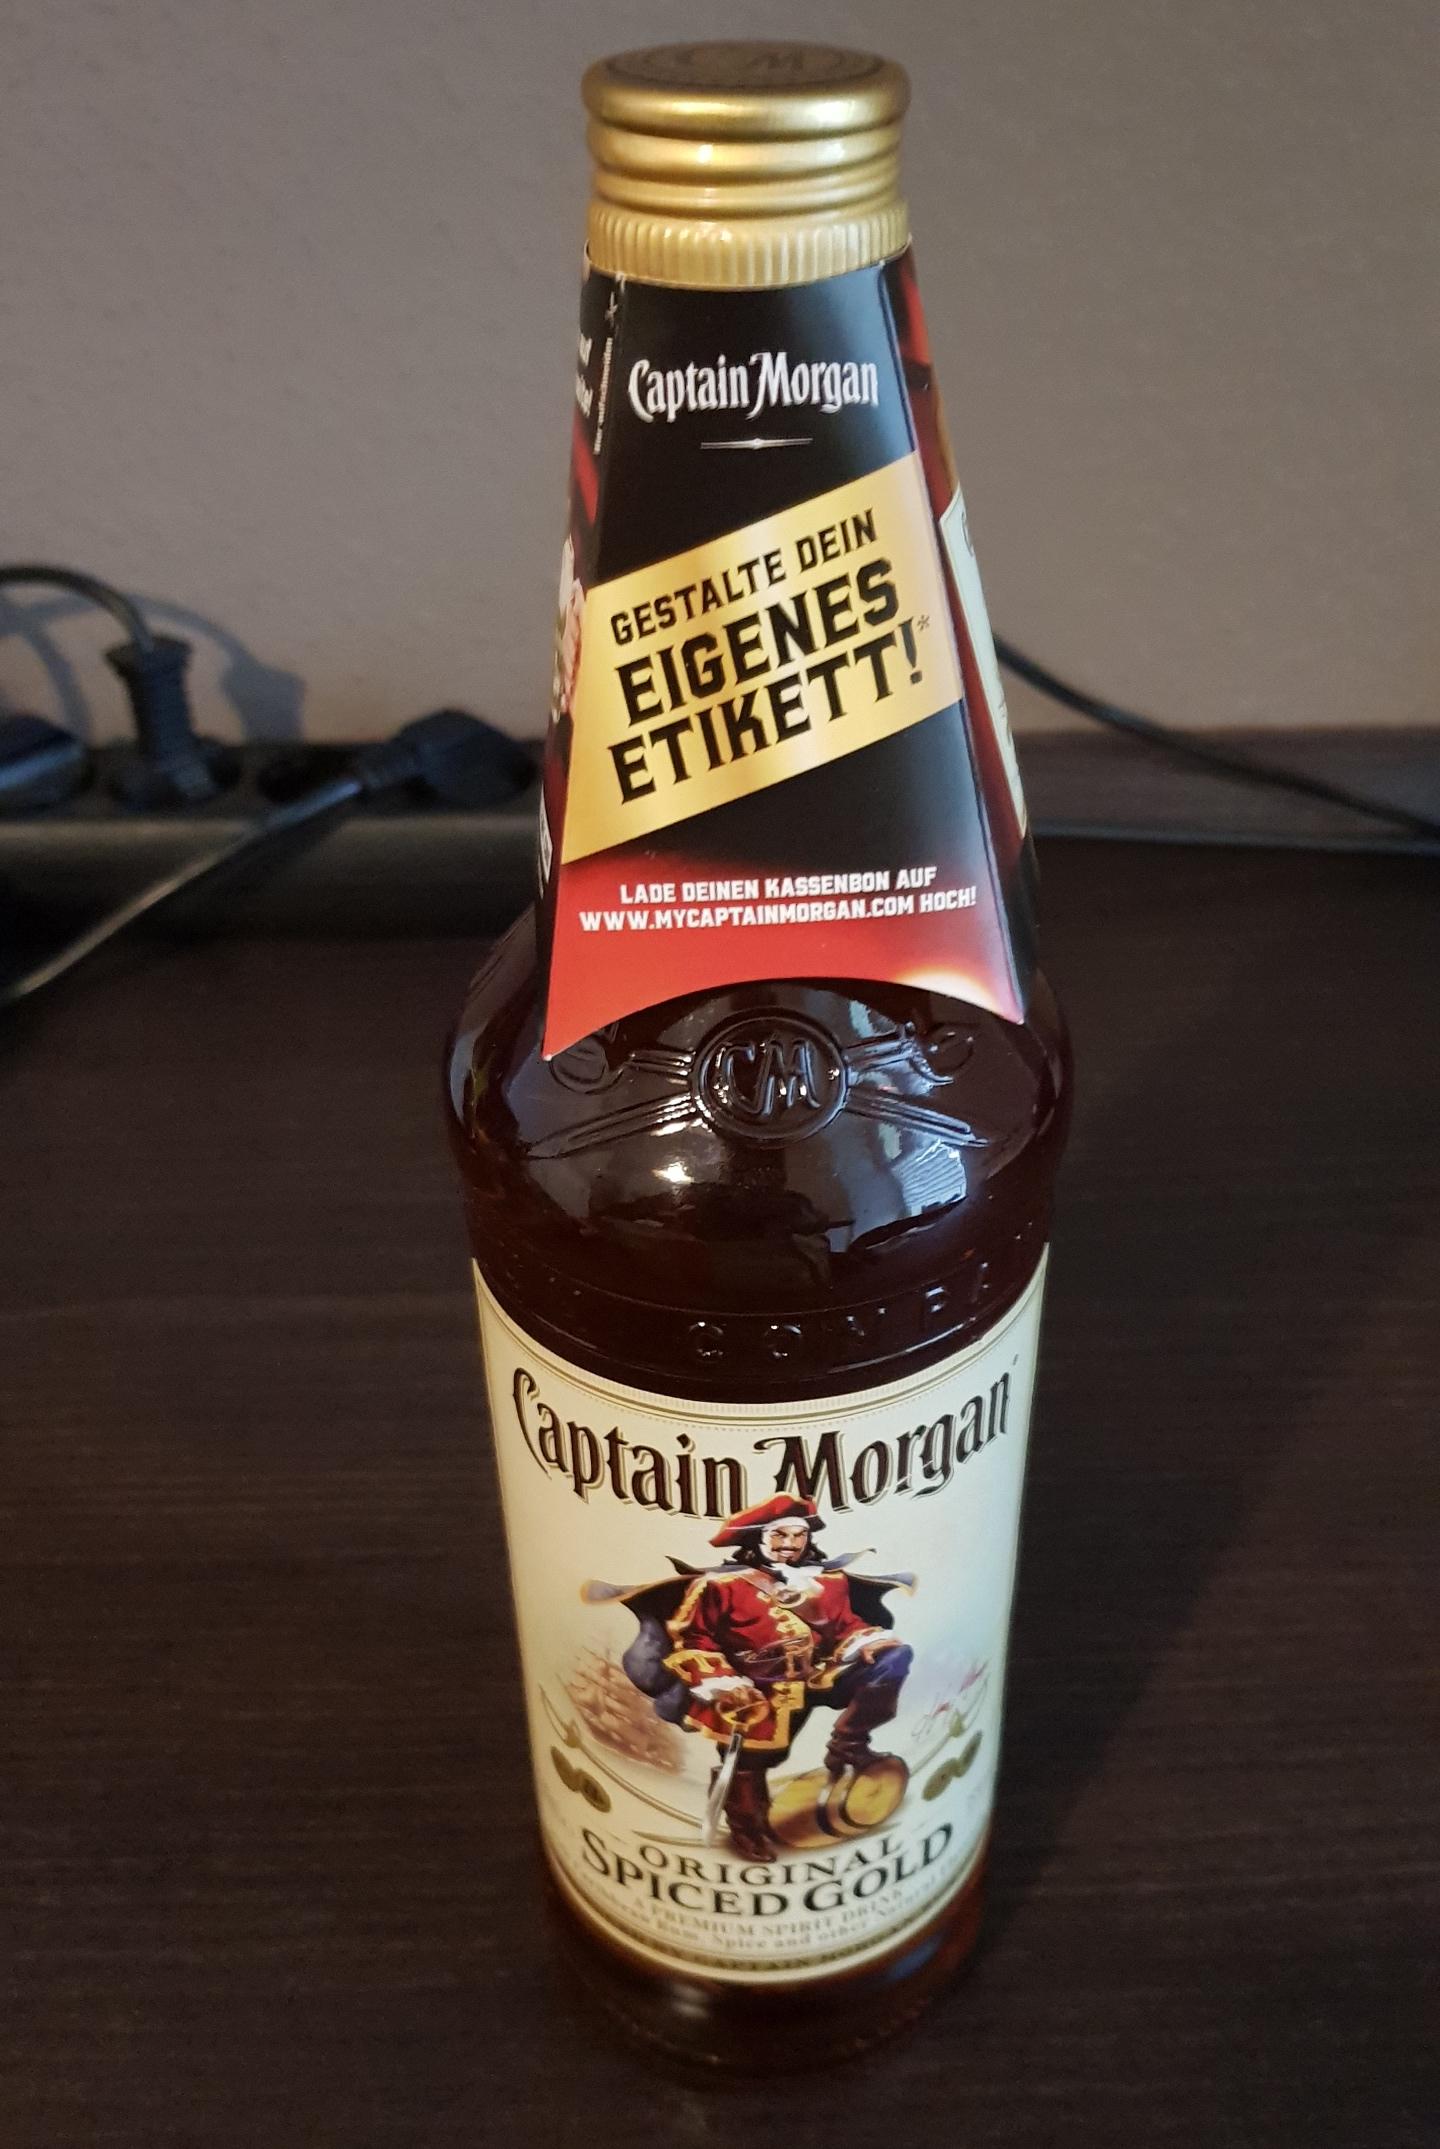 Captain Morgan Flaschenetikett gestalten und gratis zusenden lassen